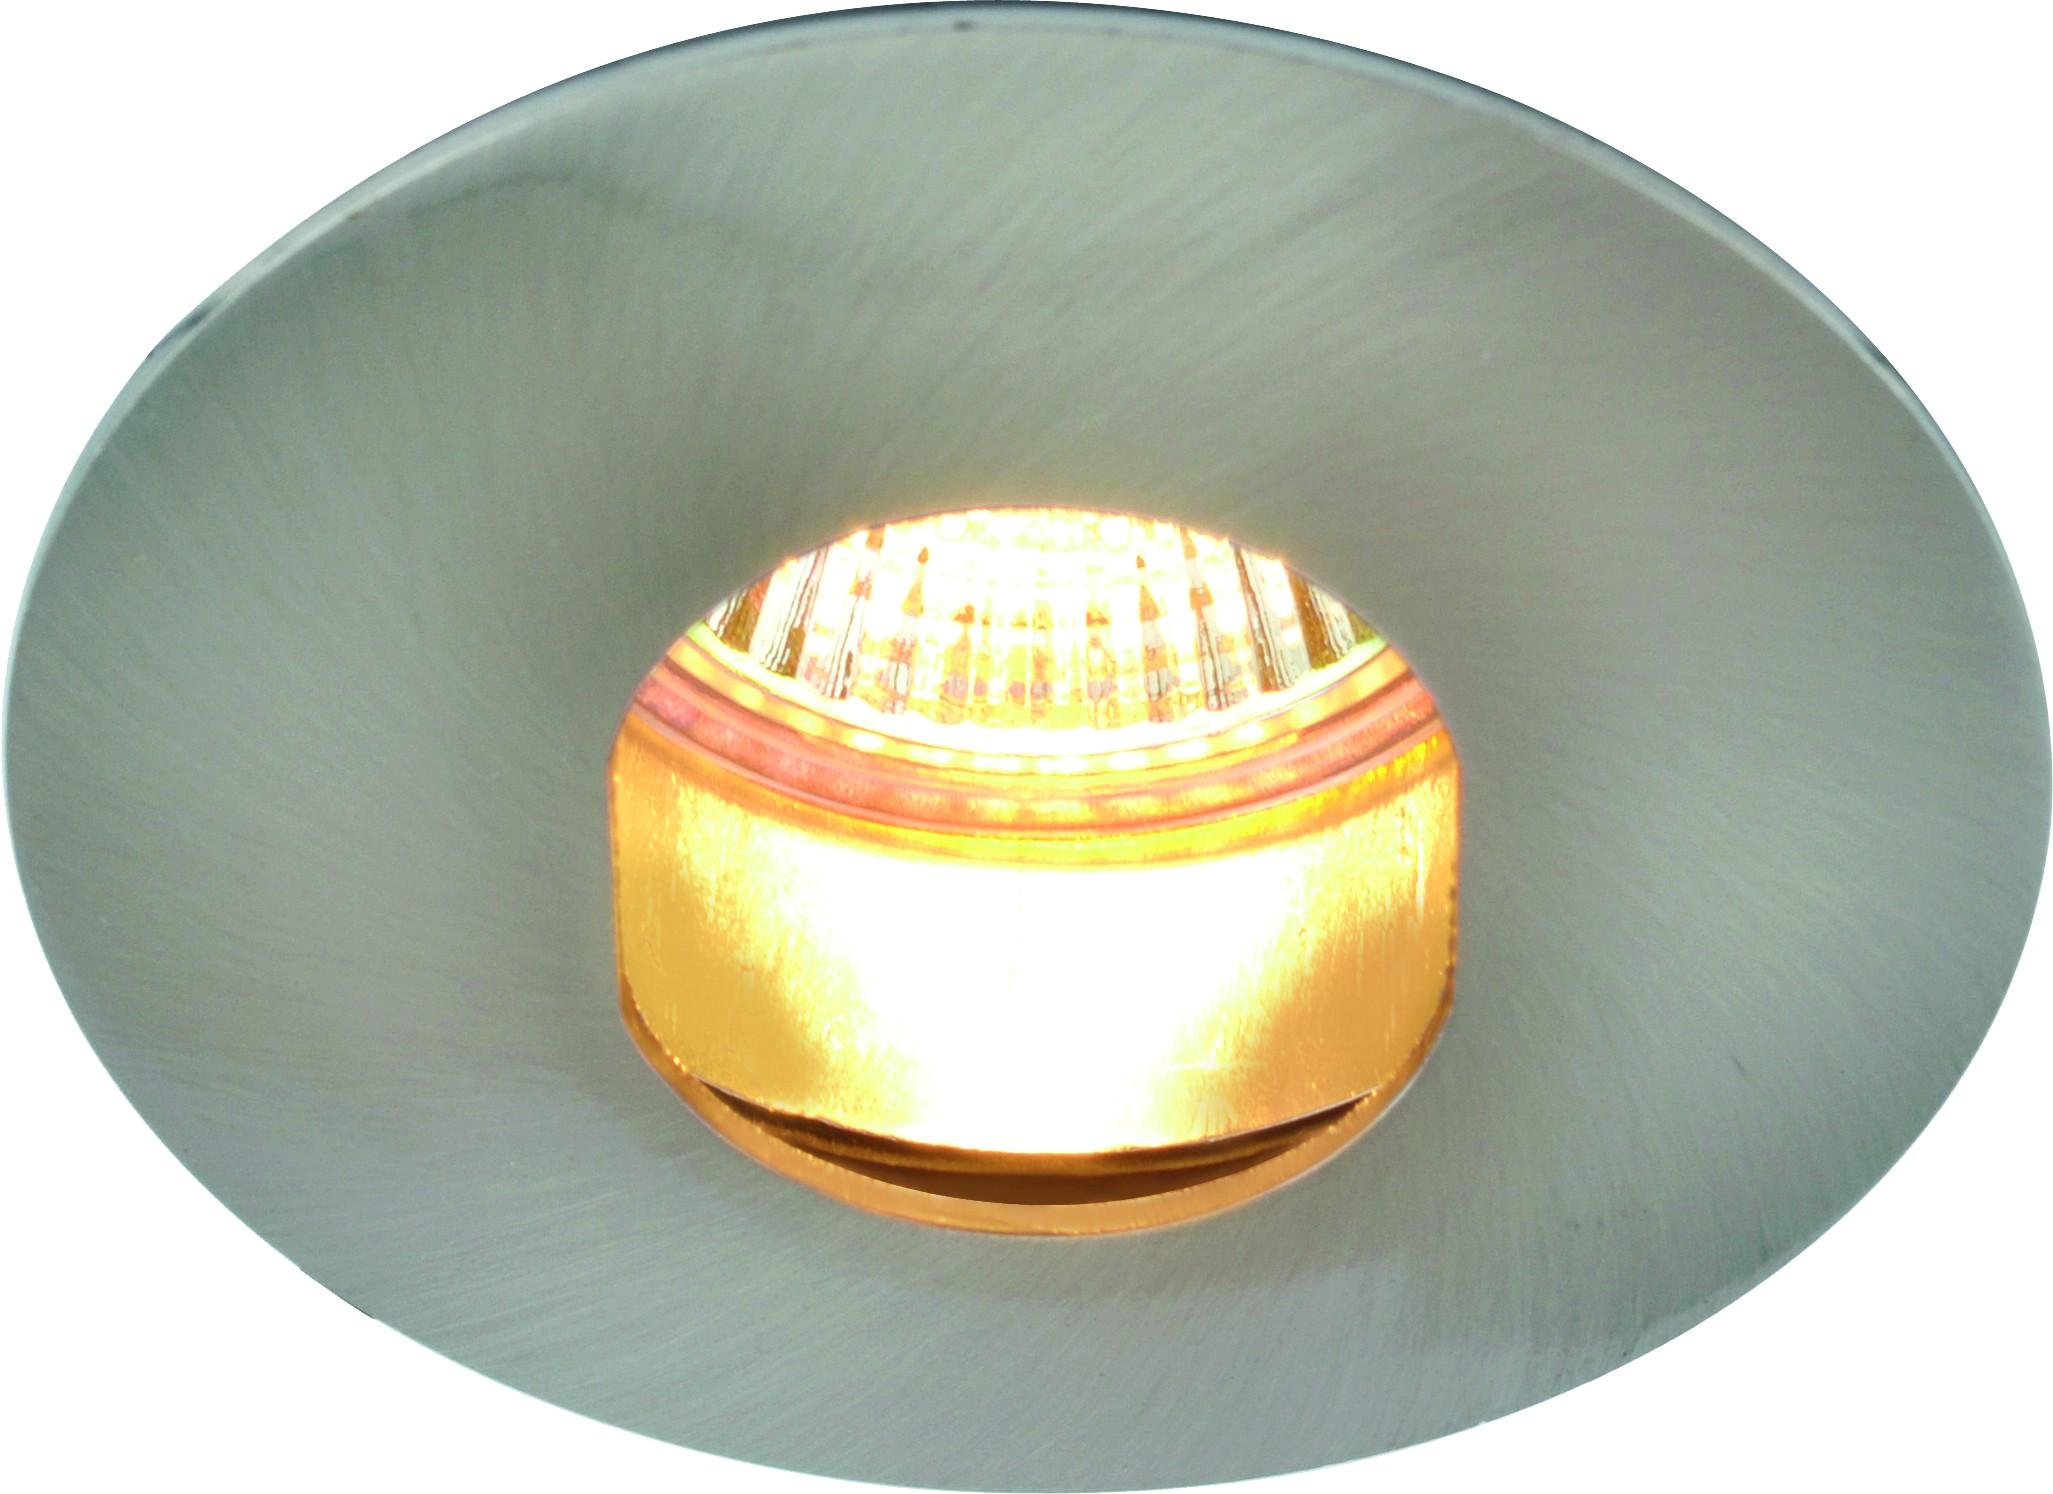 Светильник встраиваемый Arte lamp A3219pl-1ss встраиваемый спот точечный светильник arte lamp accento a3219pl 1ss